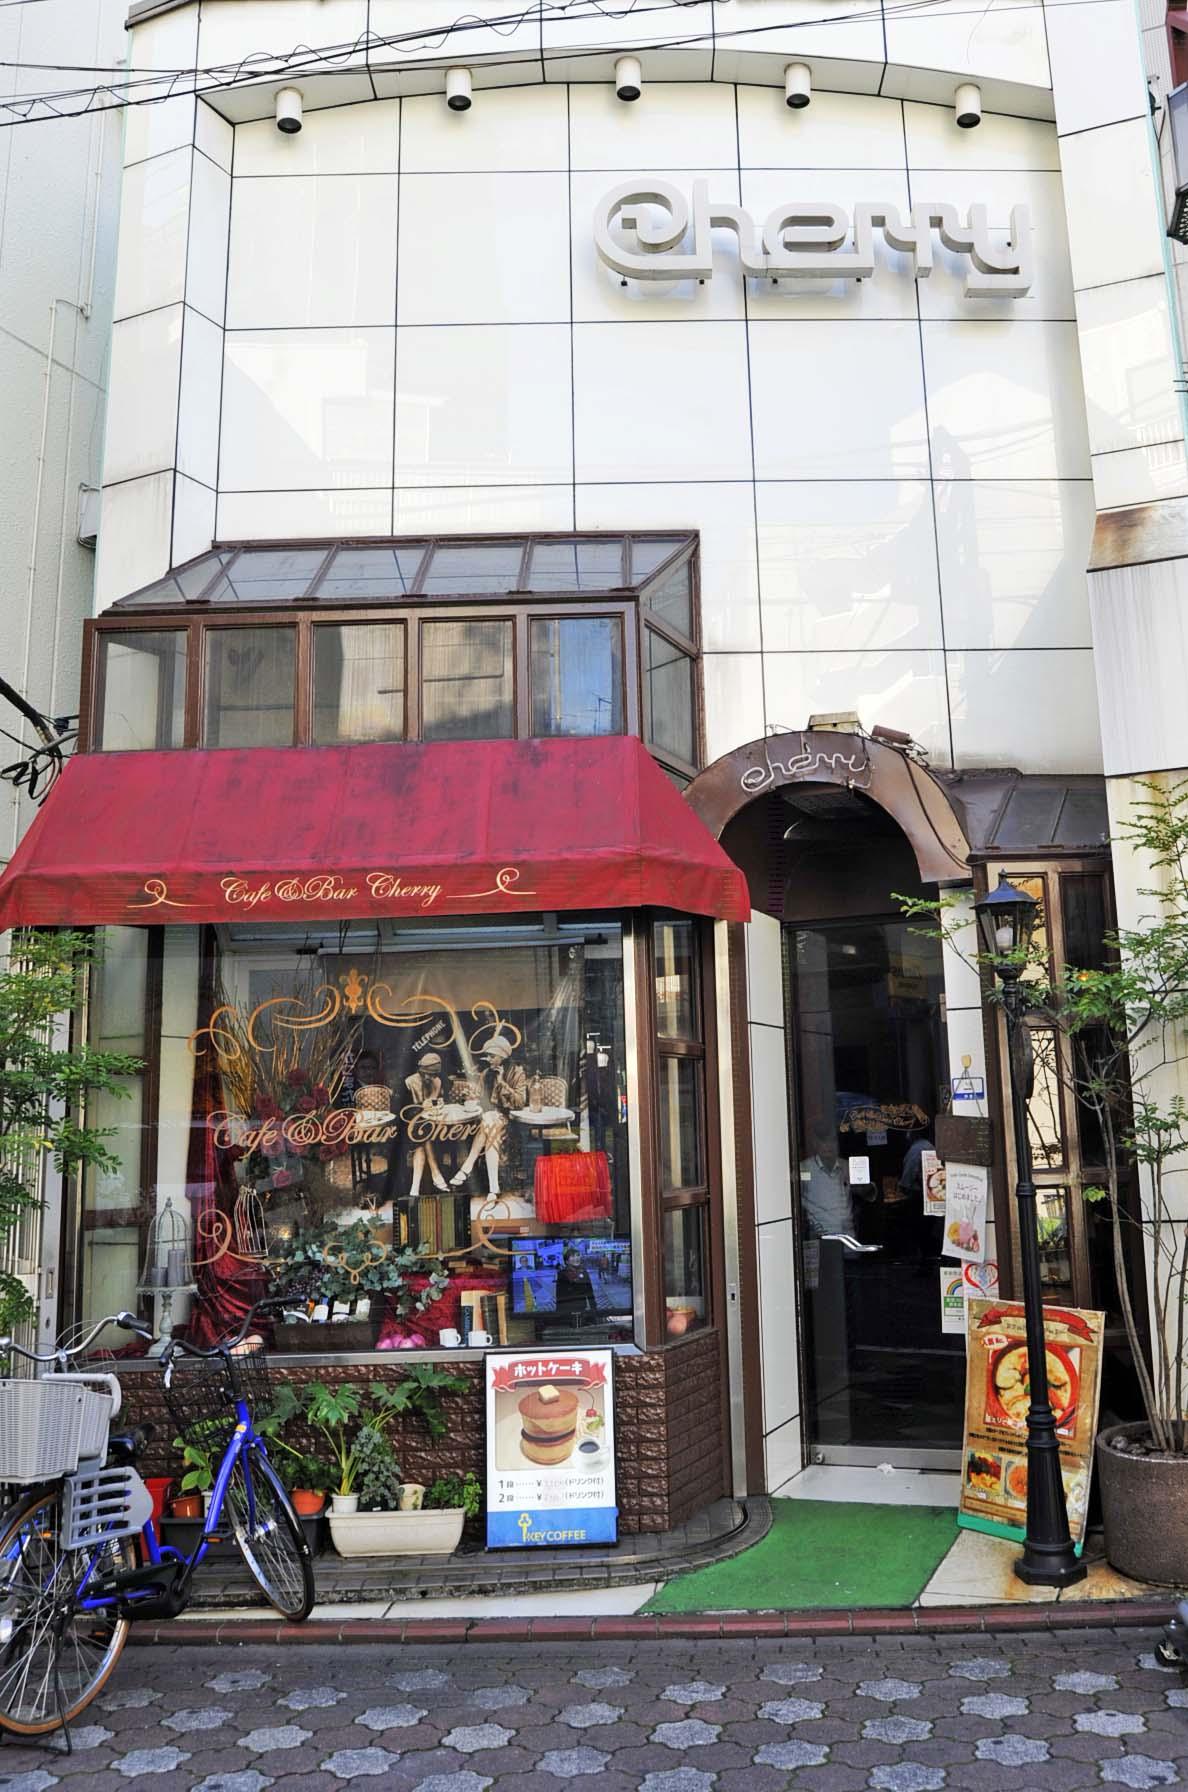 店頭には自転車も置かれている。これも地域に愛される店の証拠だ。